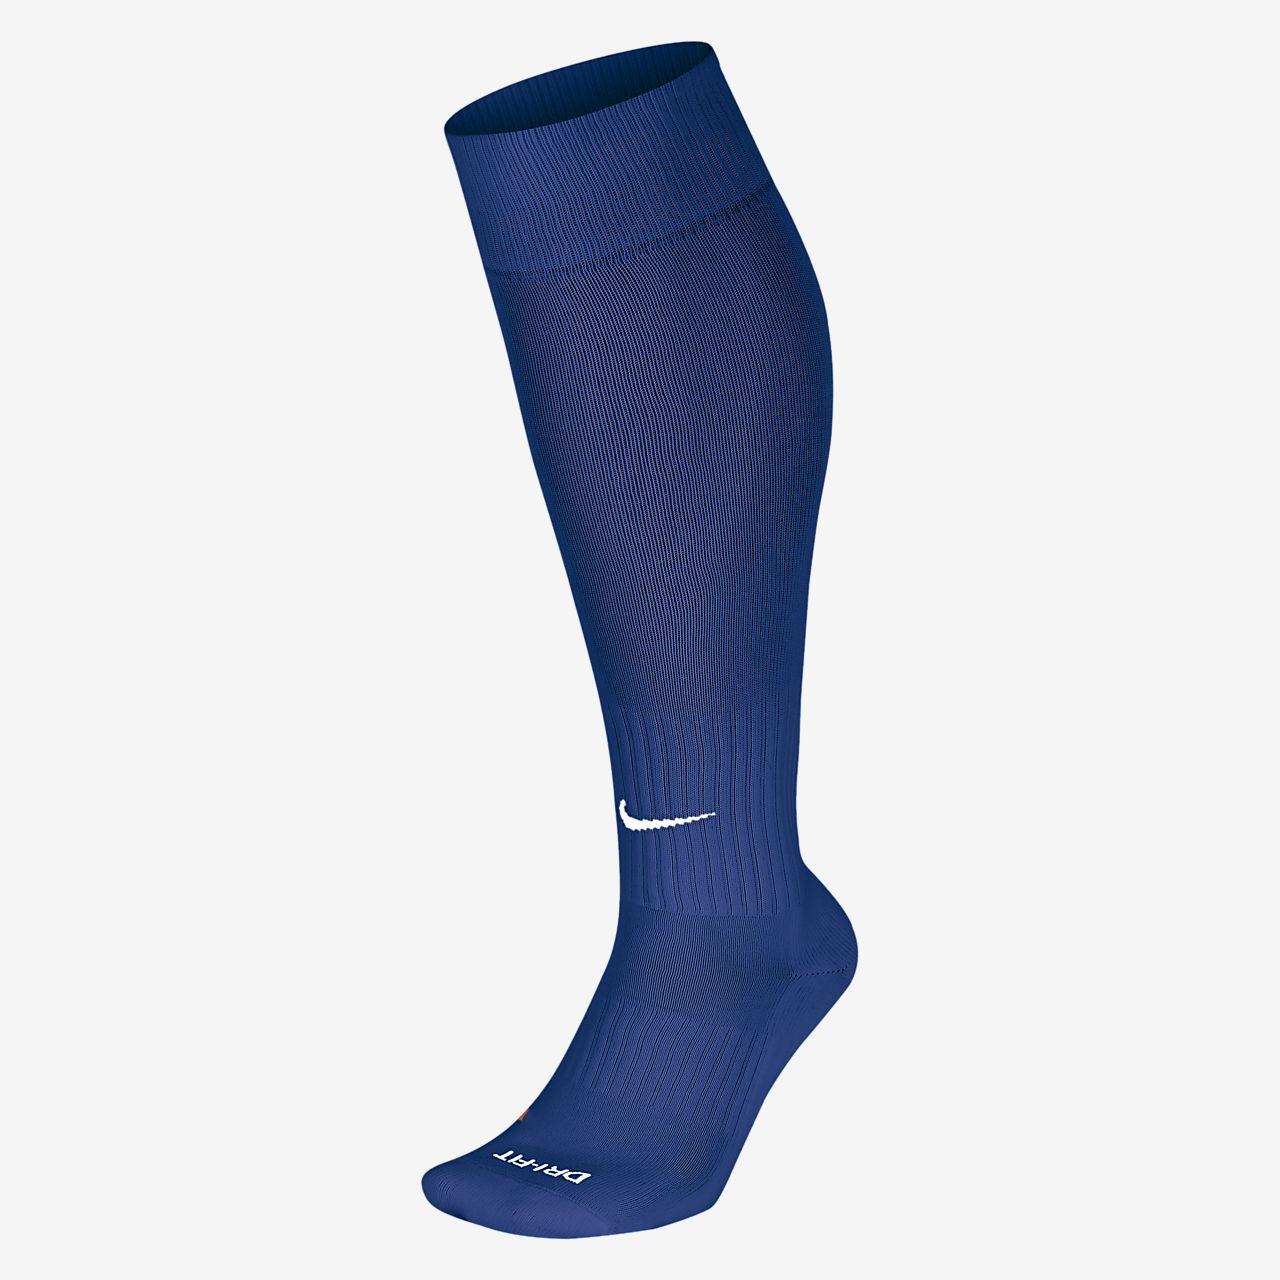 Meias de futebol Nike Classic